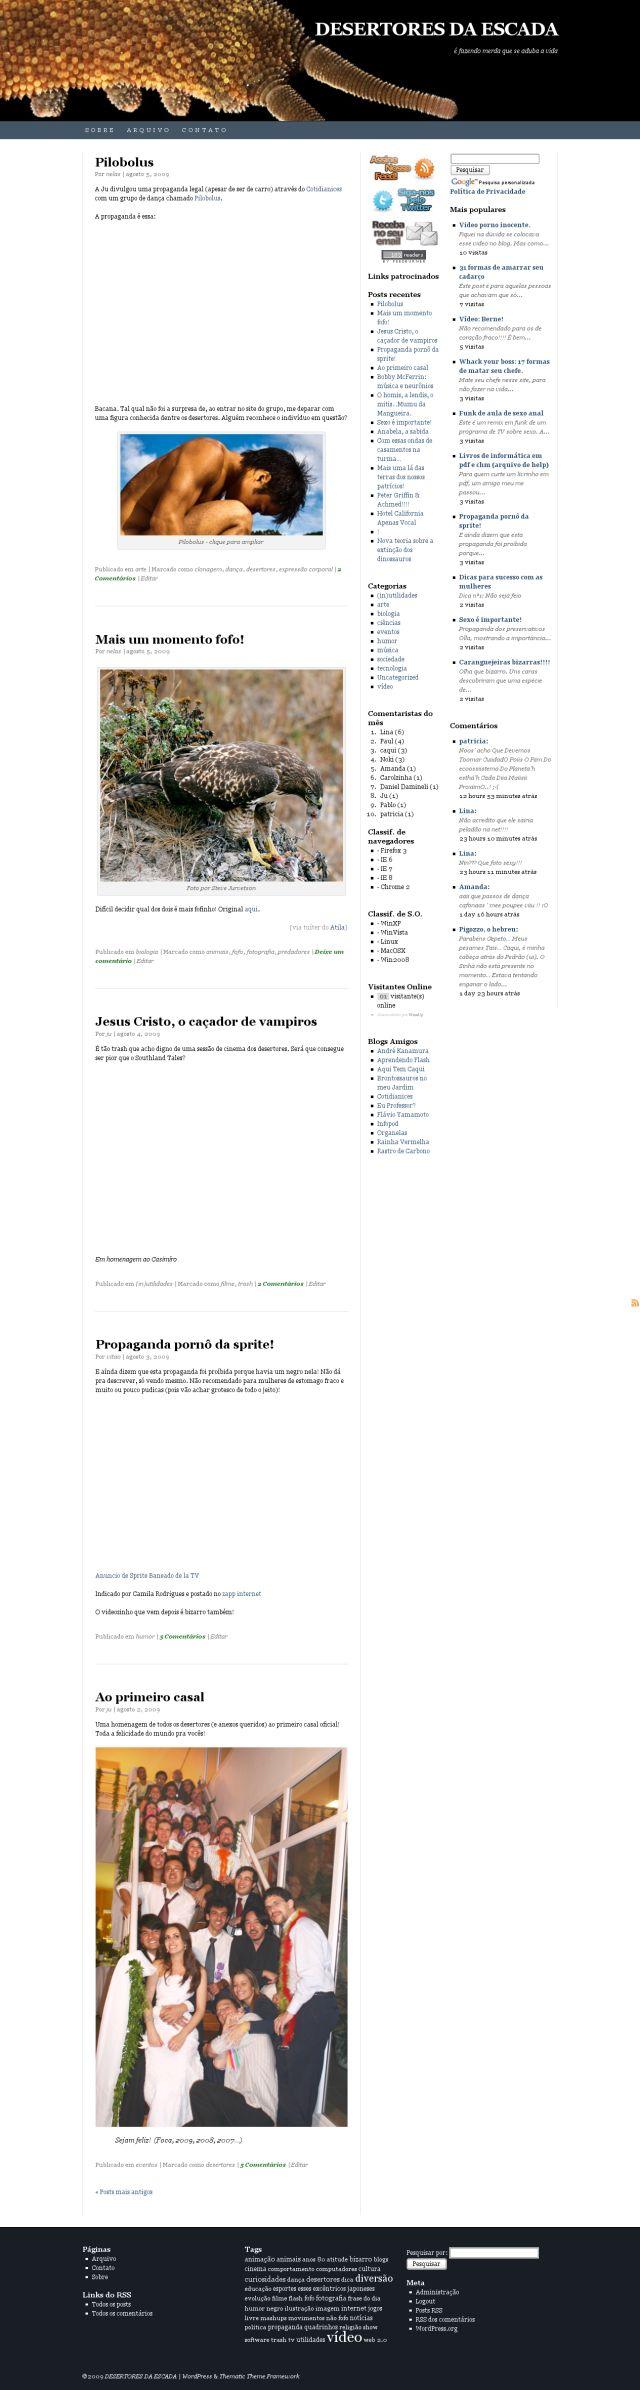 DESERTORES DA ESCADA_1249644729278